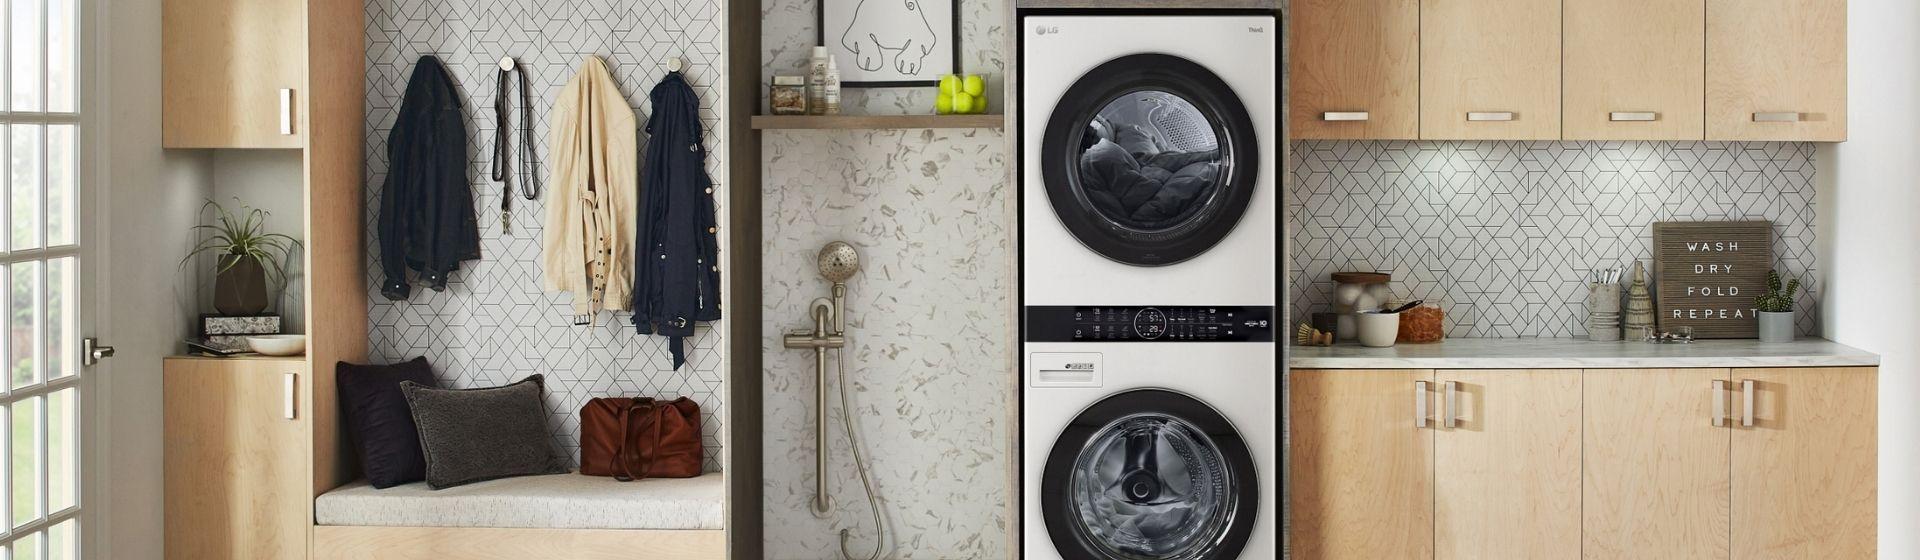 CES 2021: WashTower é a nova lavadora da LG com inteligência artificial